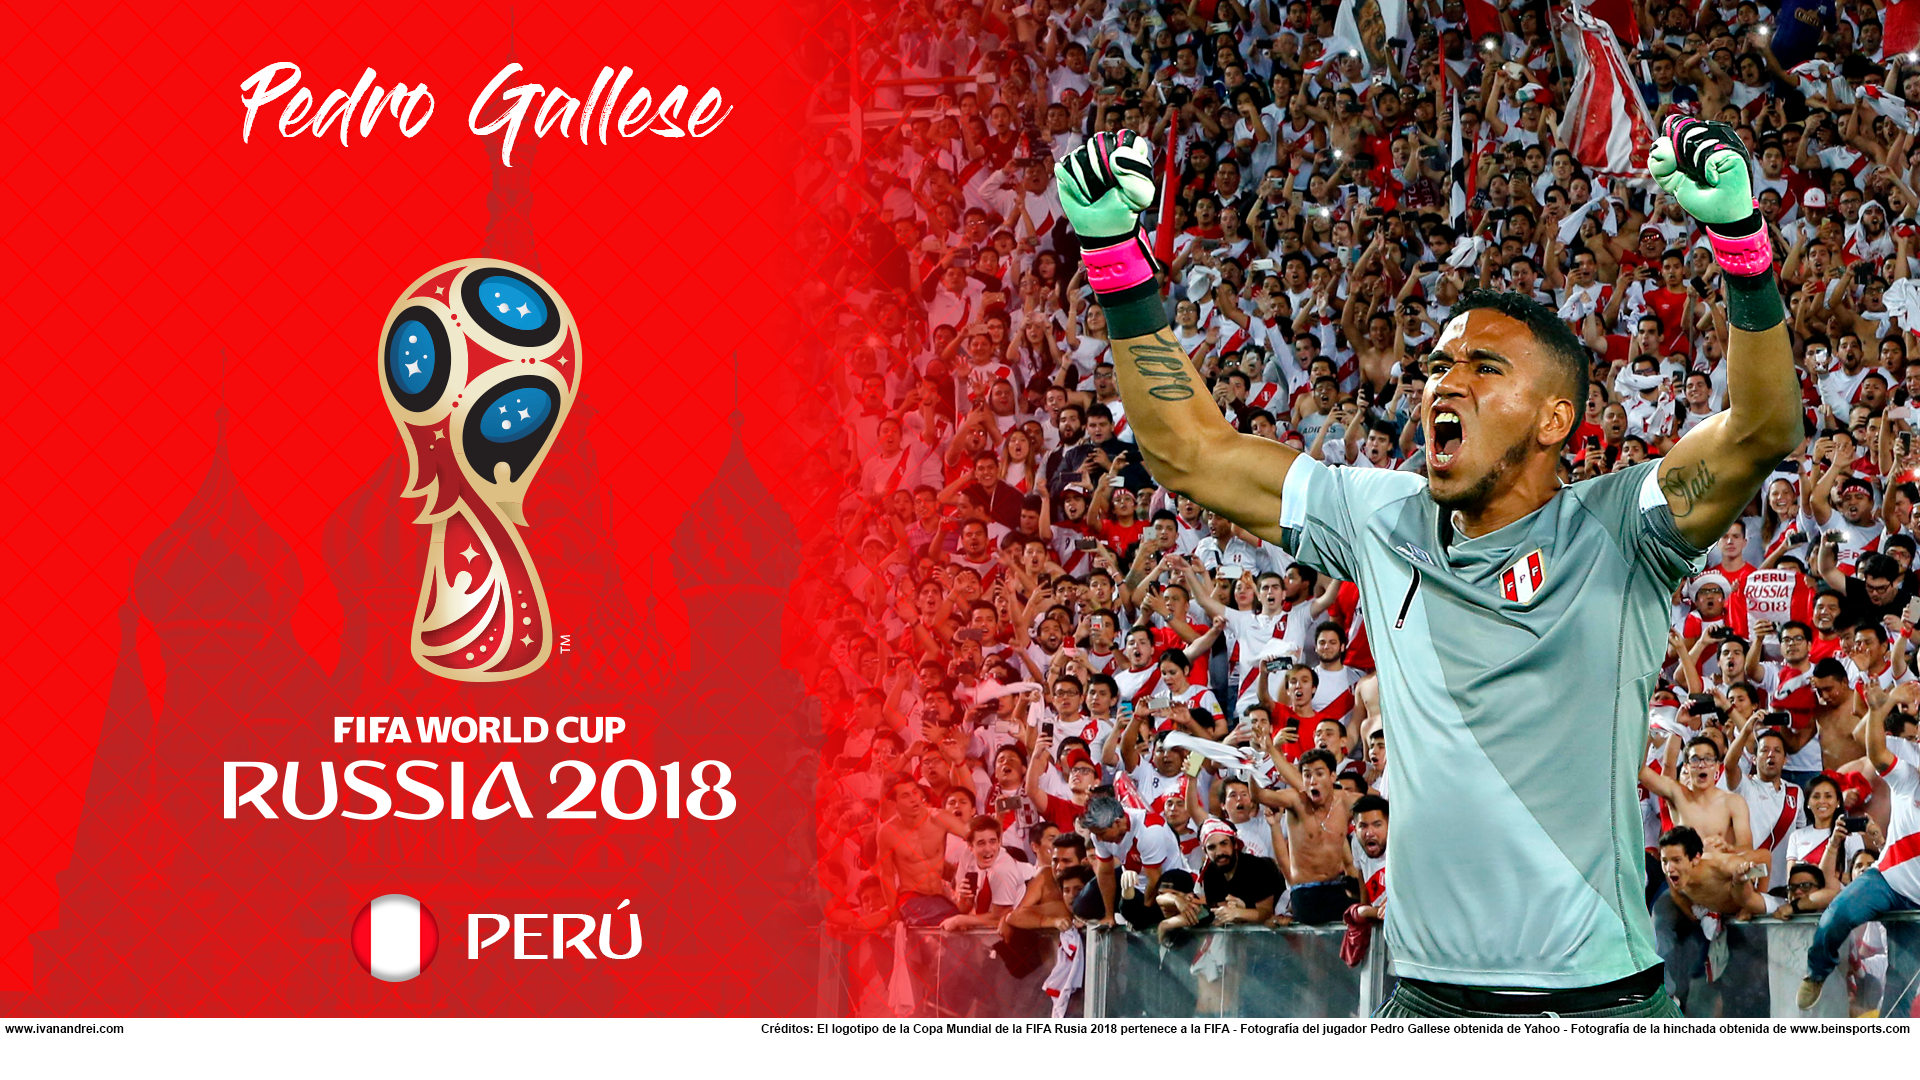 Wallpaper de Pedro Gallese de Perú para la Copa Mundial de la FIFA - Rusia 2018 - Edición para PC (1920x1080)